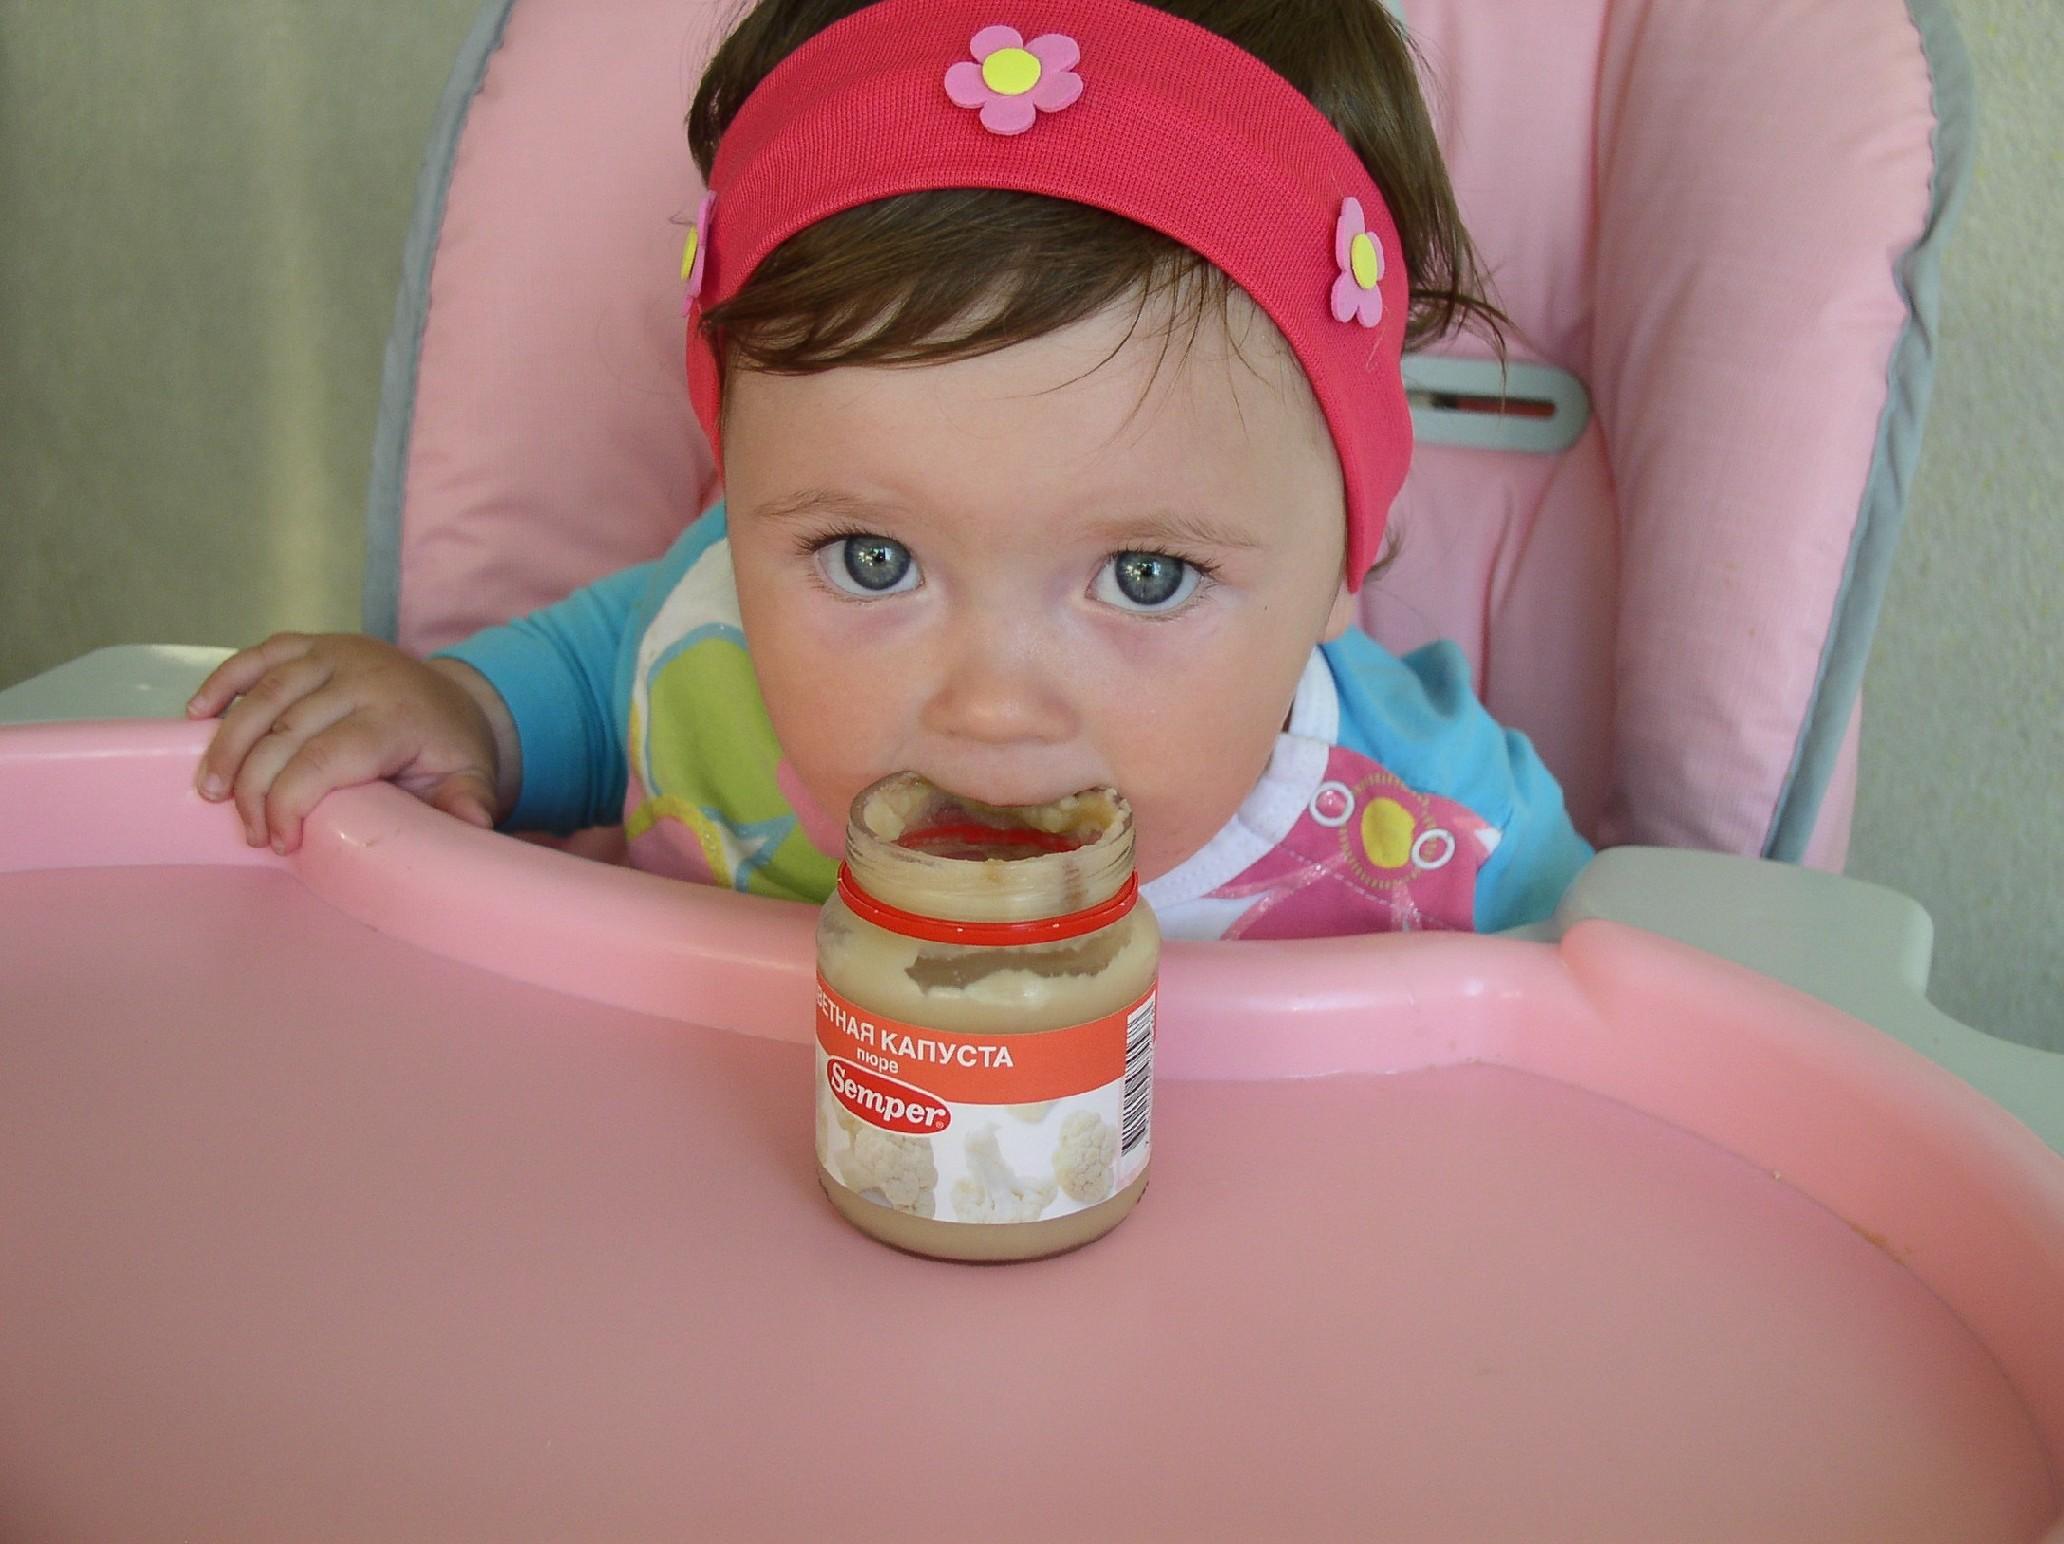 Знают все взрослые в мире и дети, капустка от 'Semper' - вкусней нет на  свете!!!. Крошка с ложкой